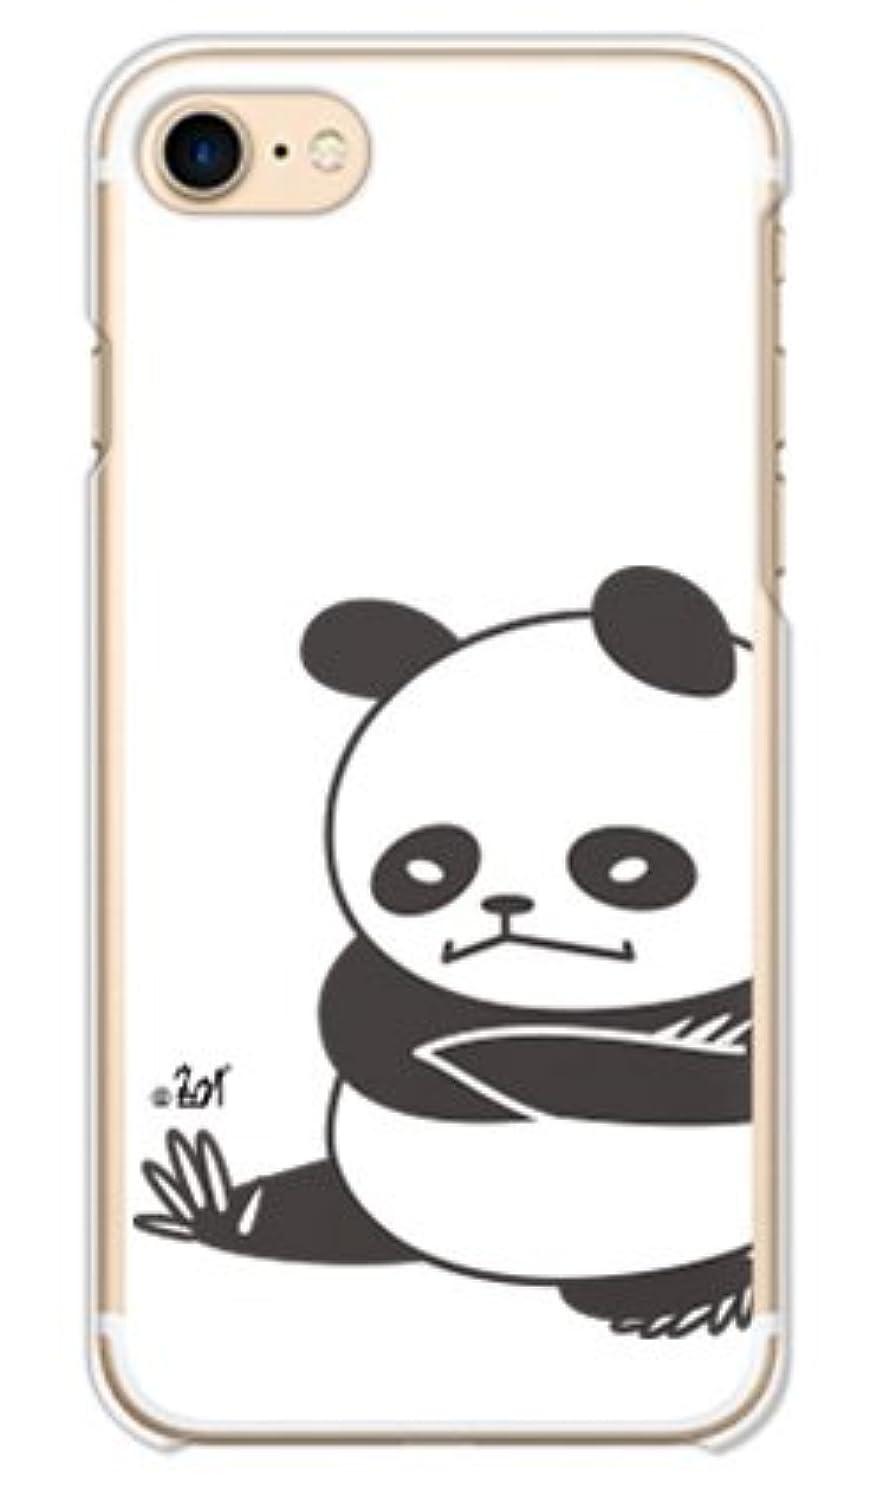 腐食するベテラン予算ガールズネオ apple iPod touch 第7世代 ケース (ウチュウ犬「パンダ?コサックダンス」) Apple iPodtouch7-PC-UCH-0013